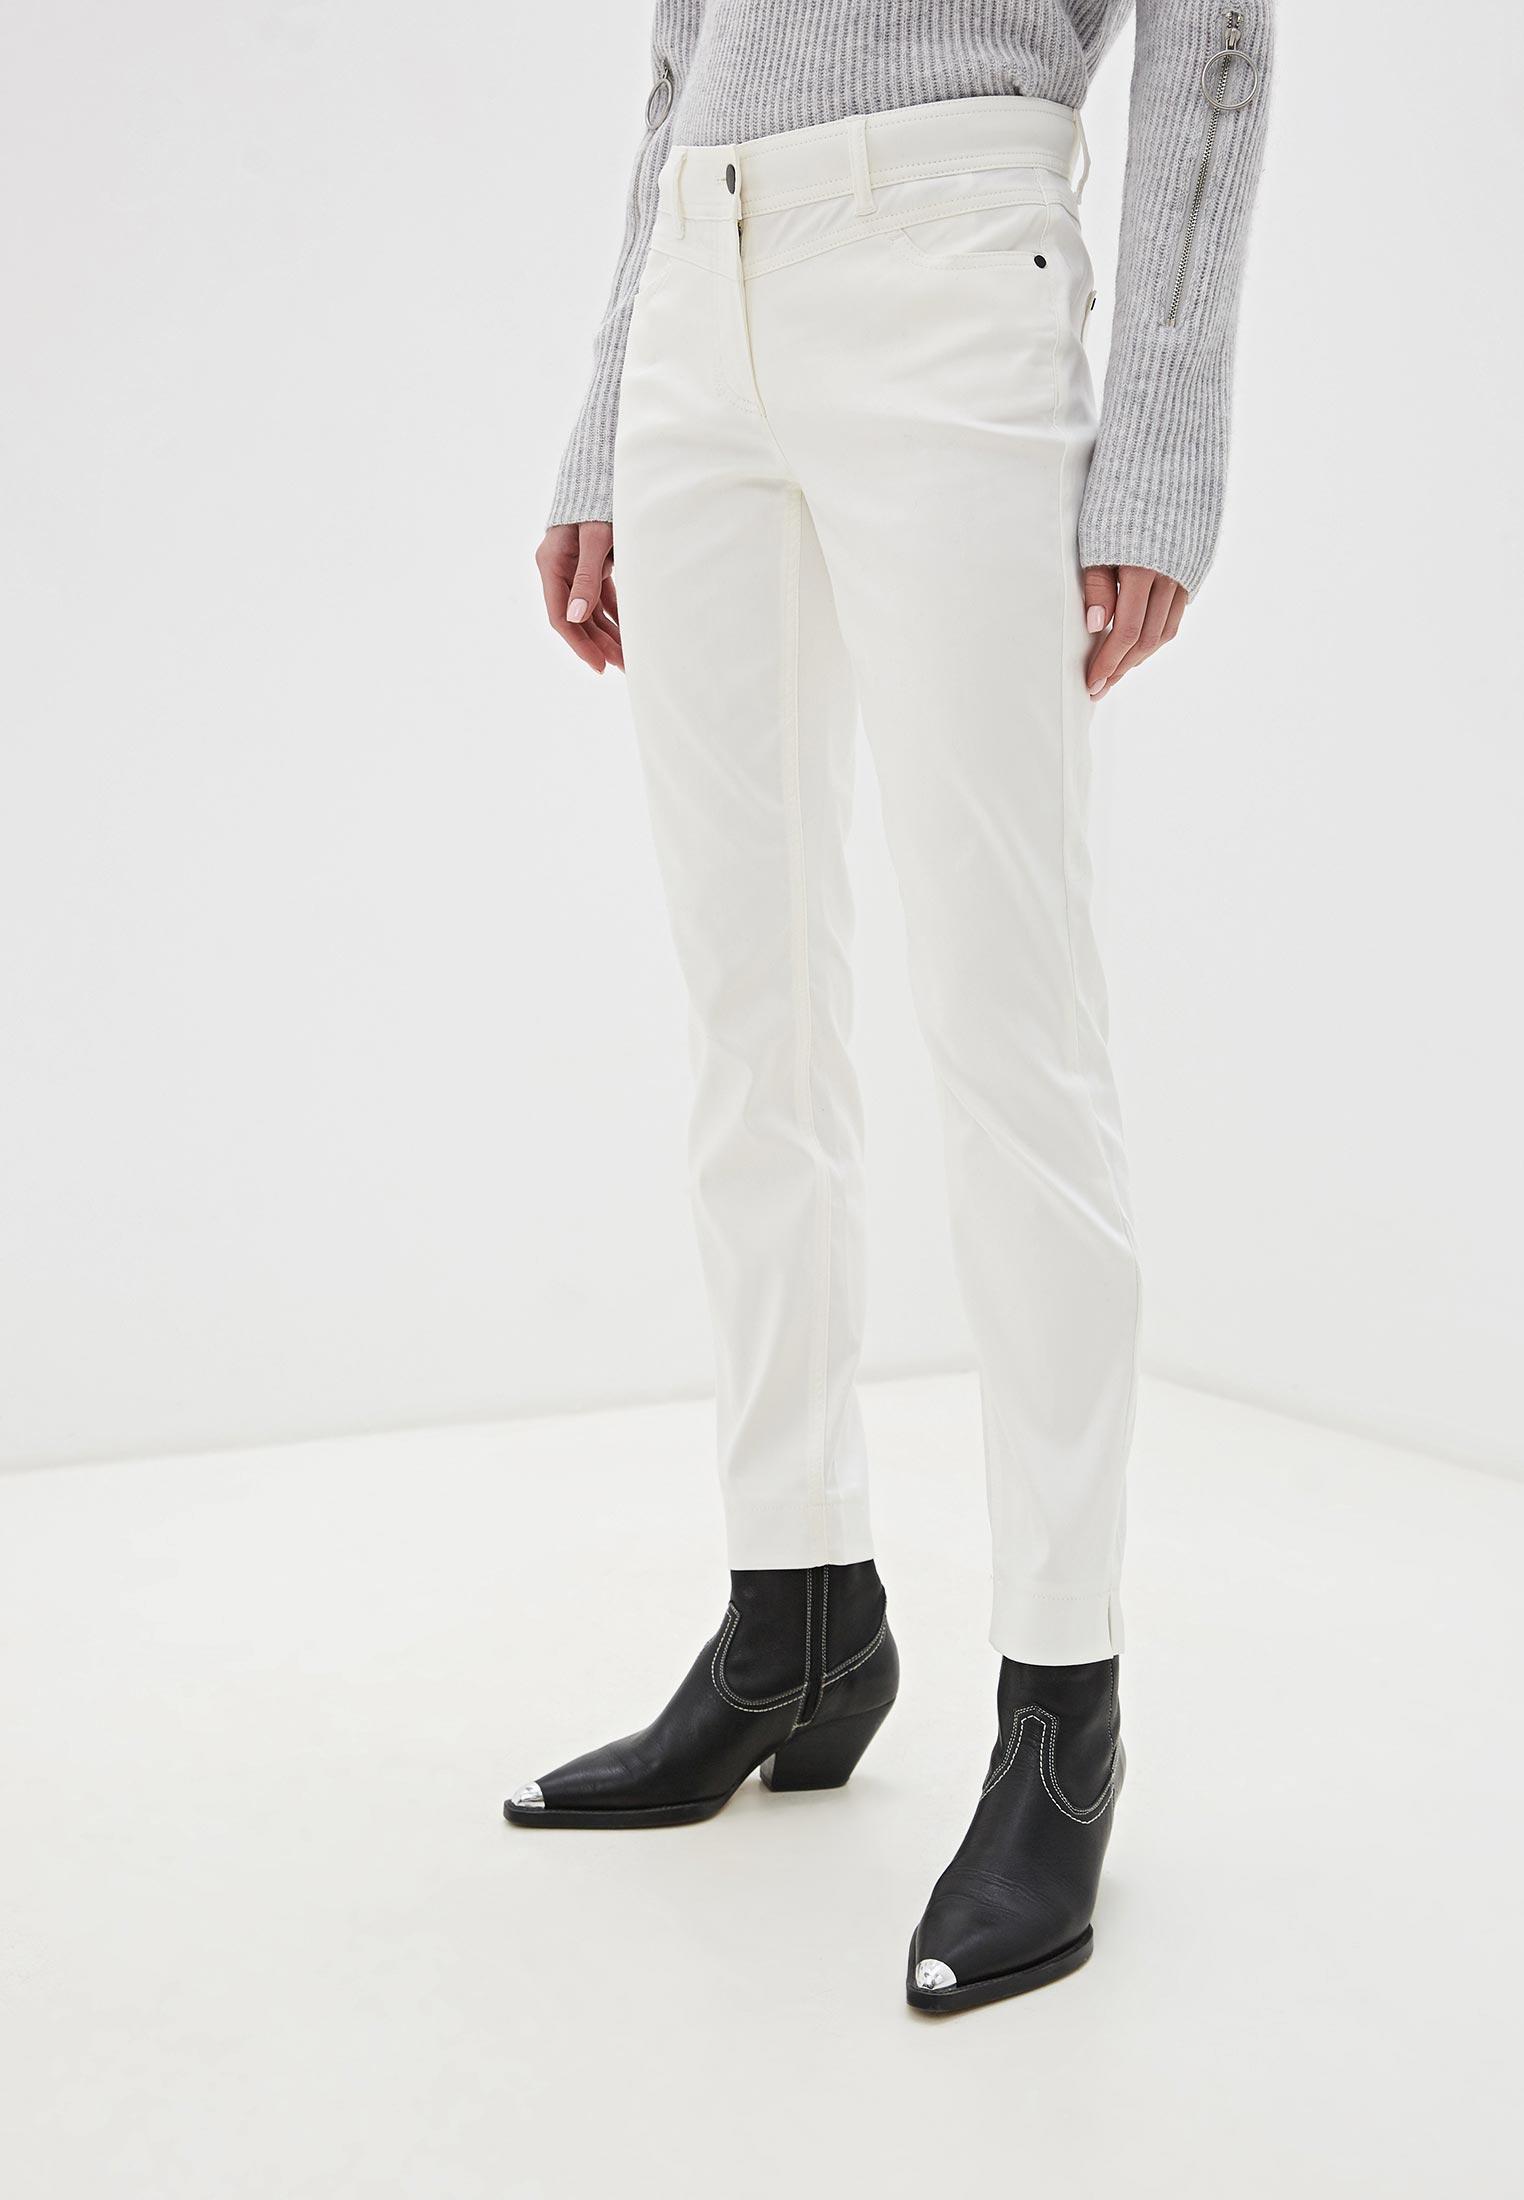 Зауженные джинсы Taifun 320035-19117